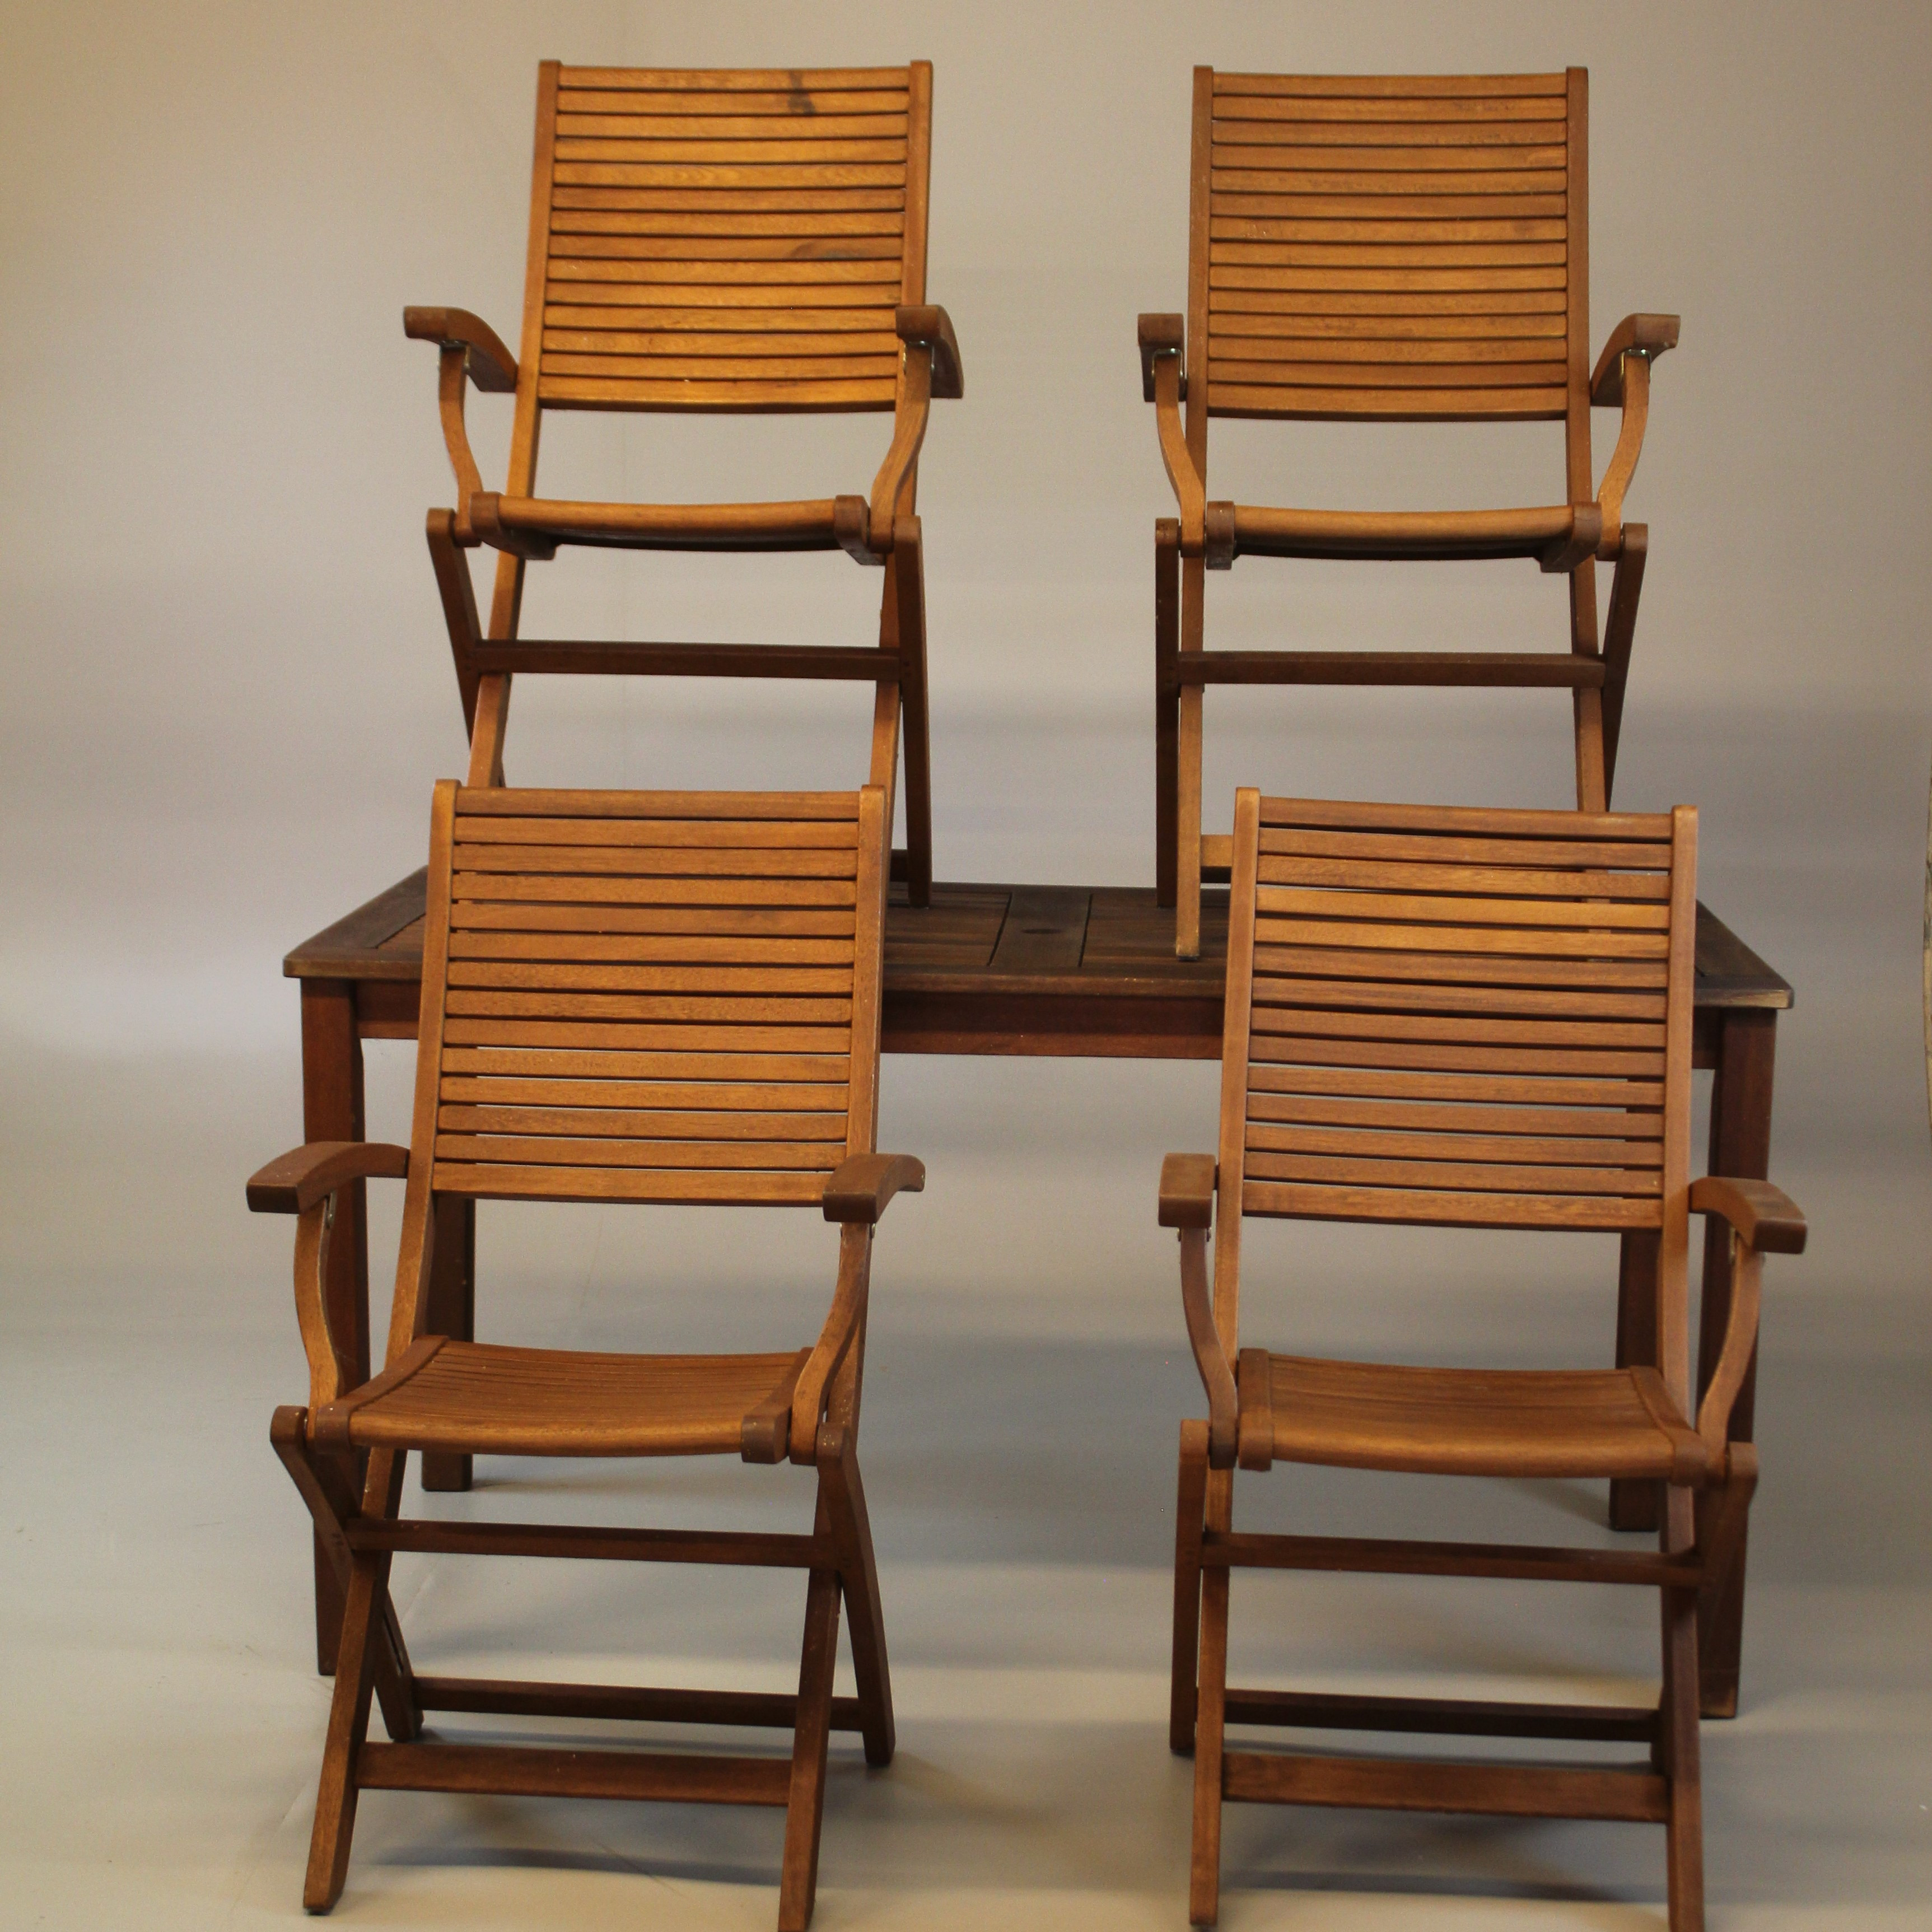 TRÄDGÅRDSGRUPP Bord samt 4 stolar Jutlandia. Möbler